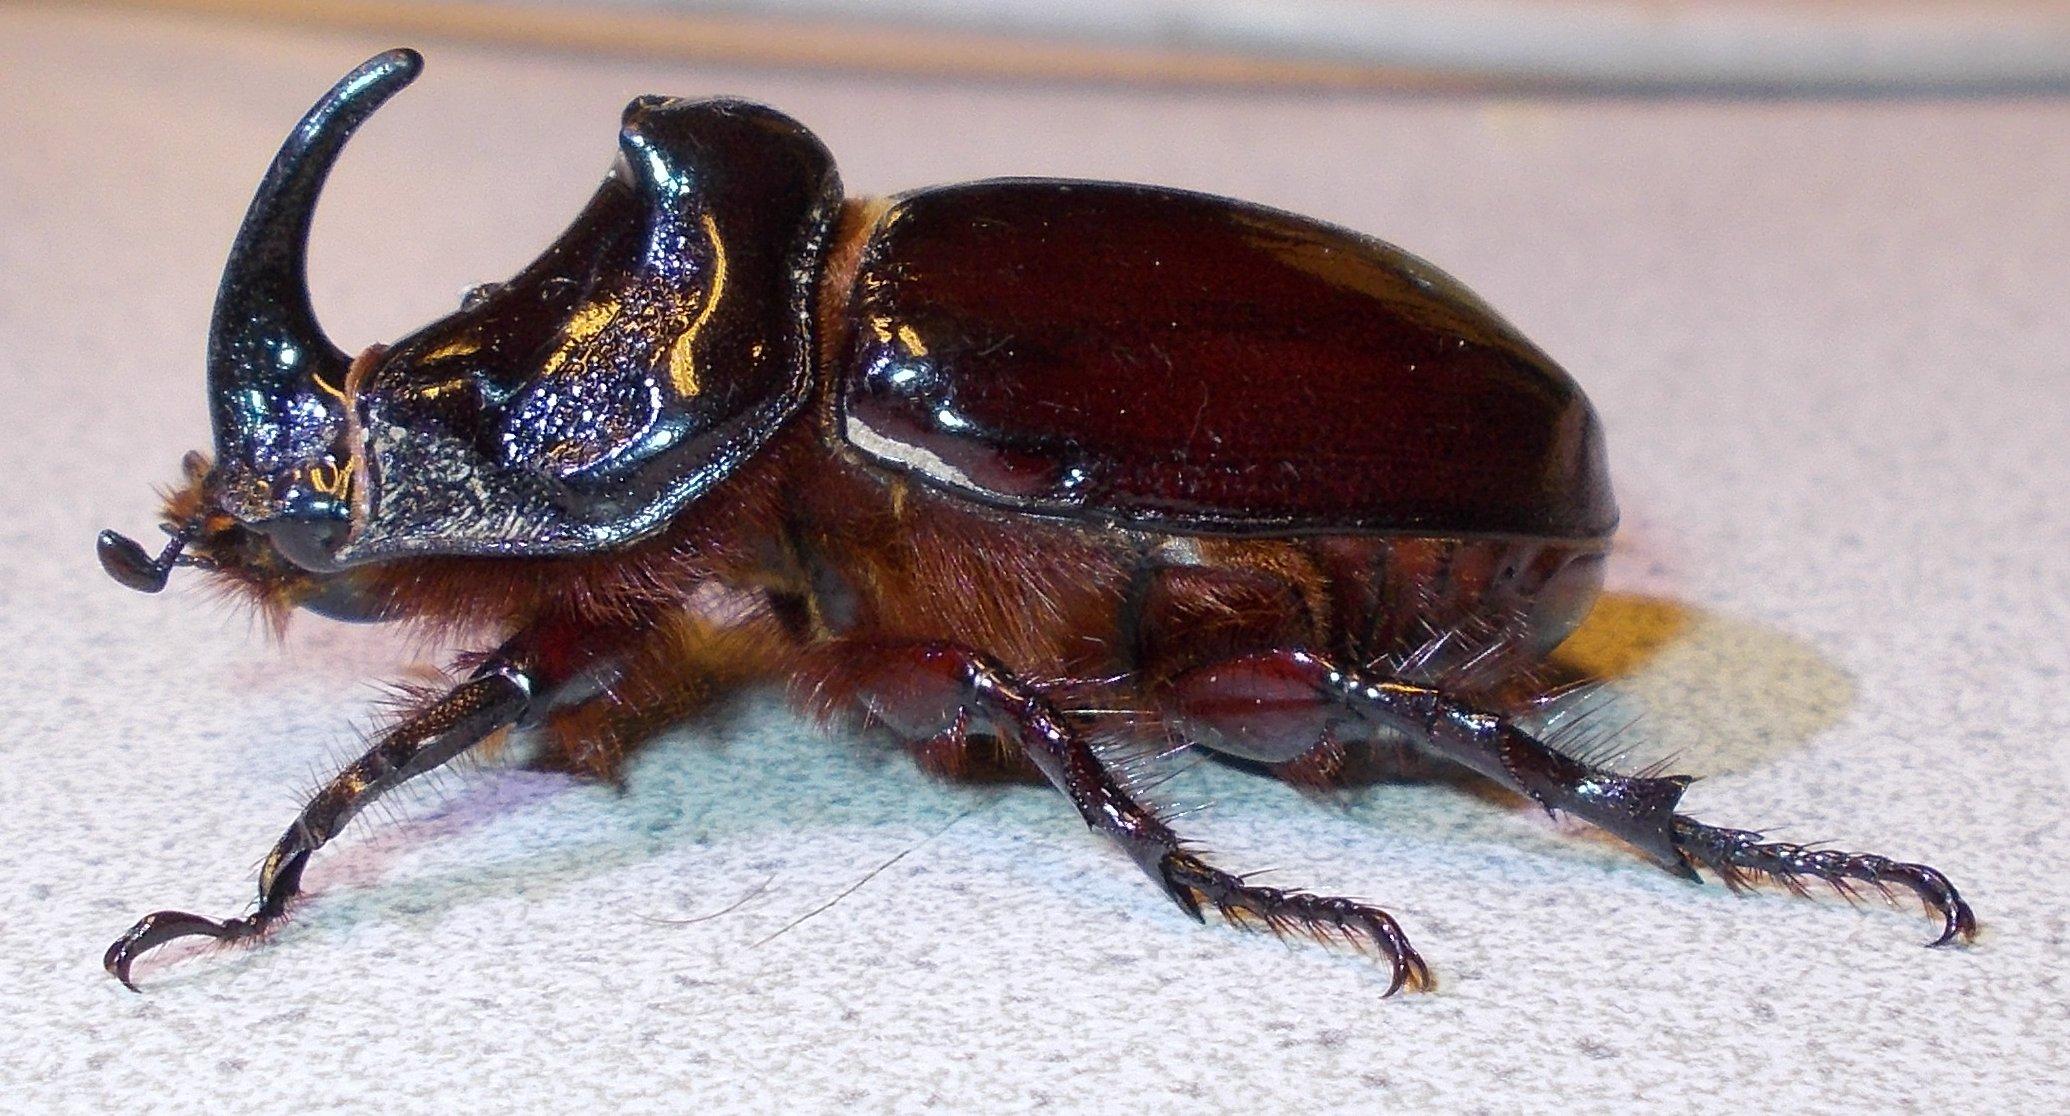 Viele Millionen Jahre lebt dieses Tier auf unserer Erde Bitte helft mit, dass weiterleben darf und nicht austirbt